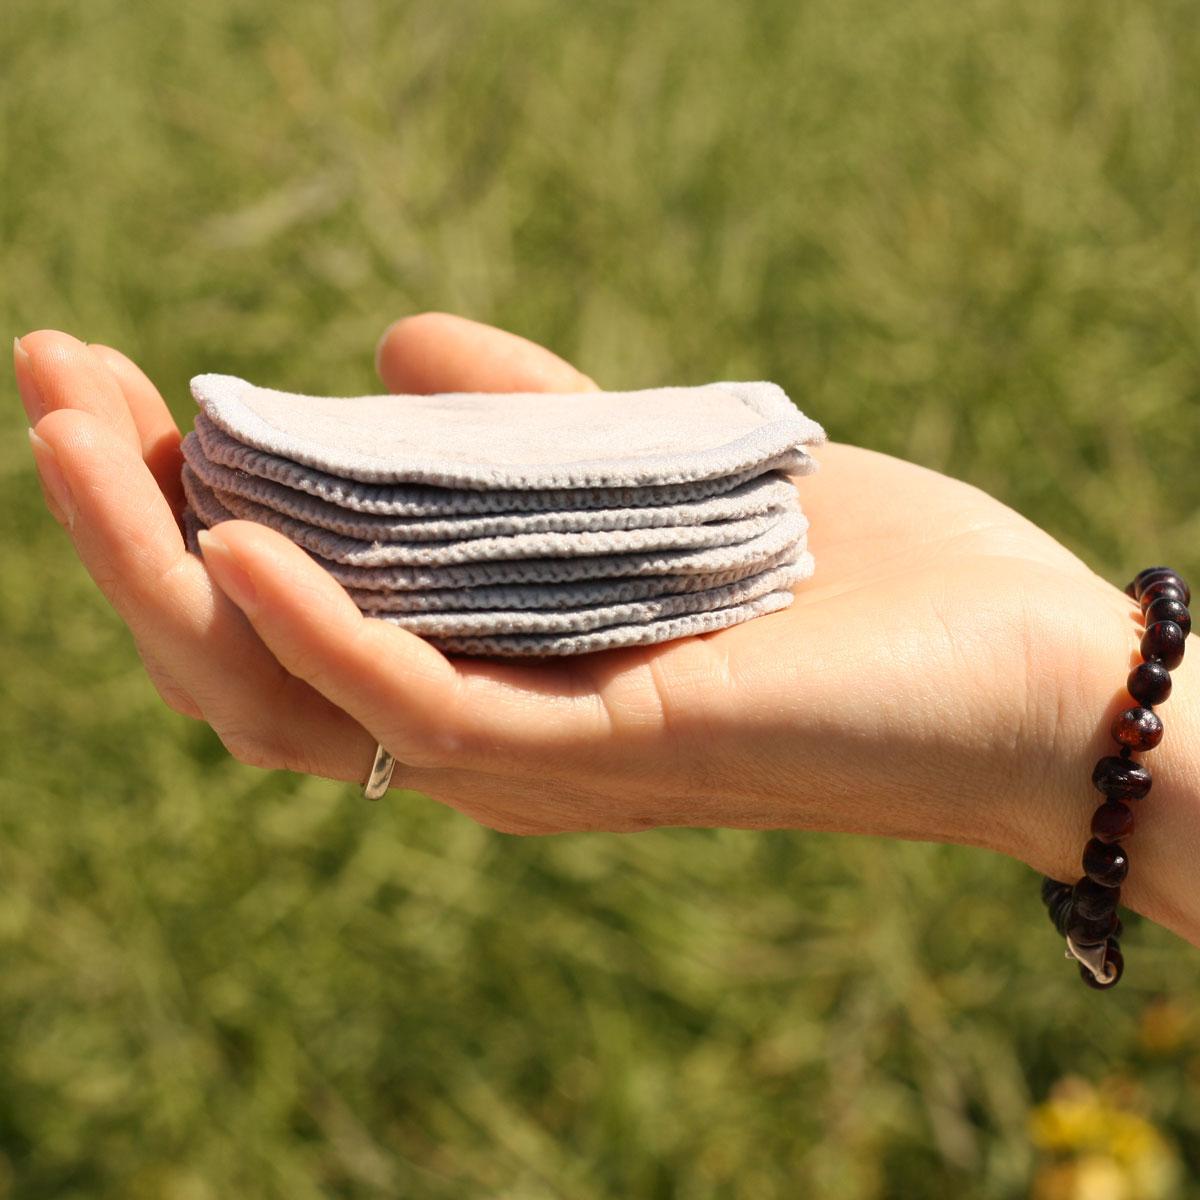 Grå stofrondeller i oekologisk bomld holdes i en hånd i naturen.